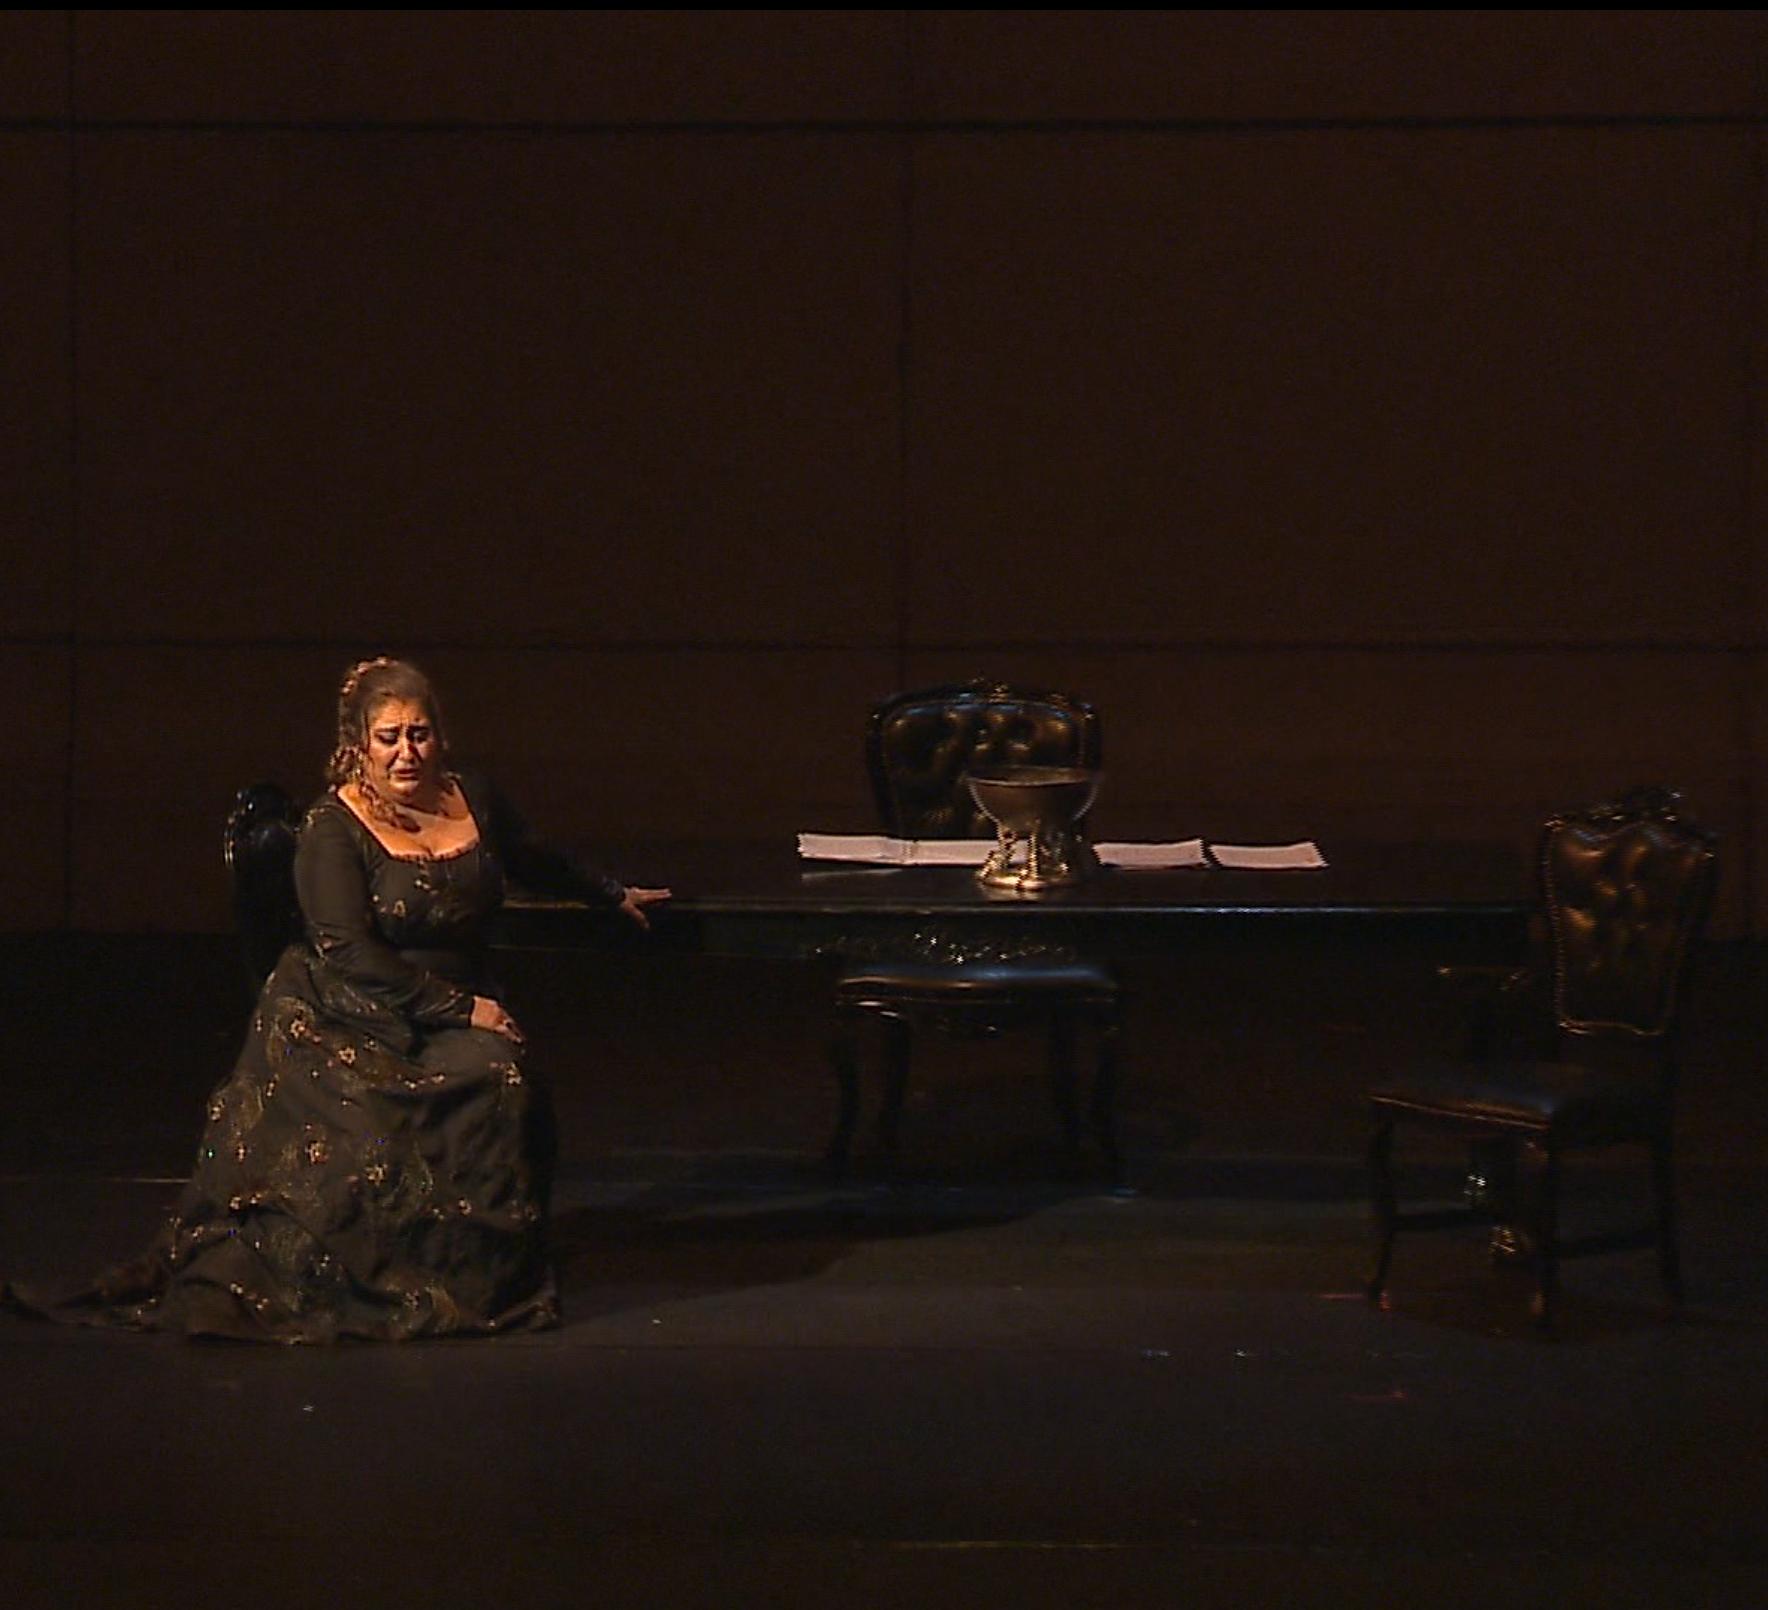 Un ballo in maschera, Amelia, Morro, ma prima in grazia - SOF - 2017